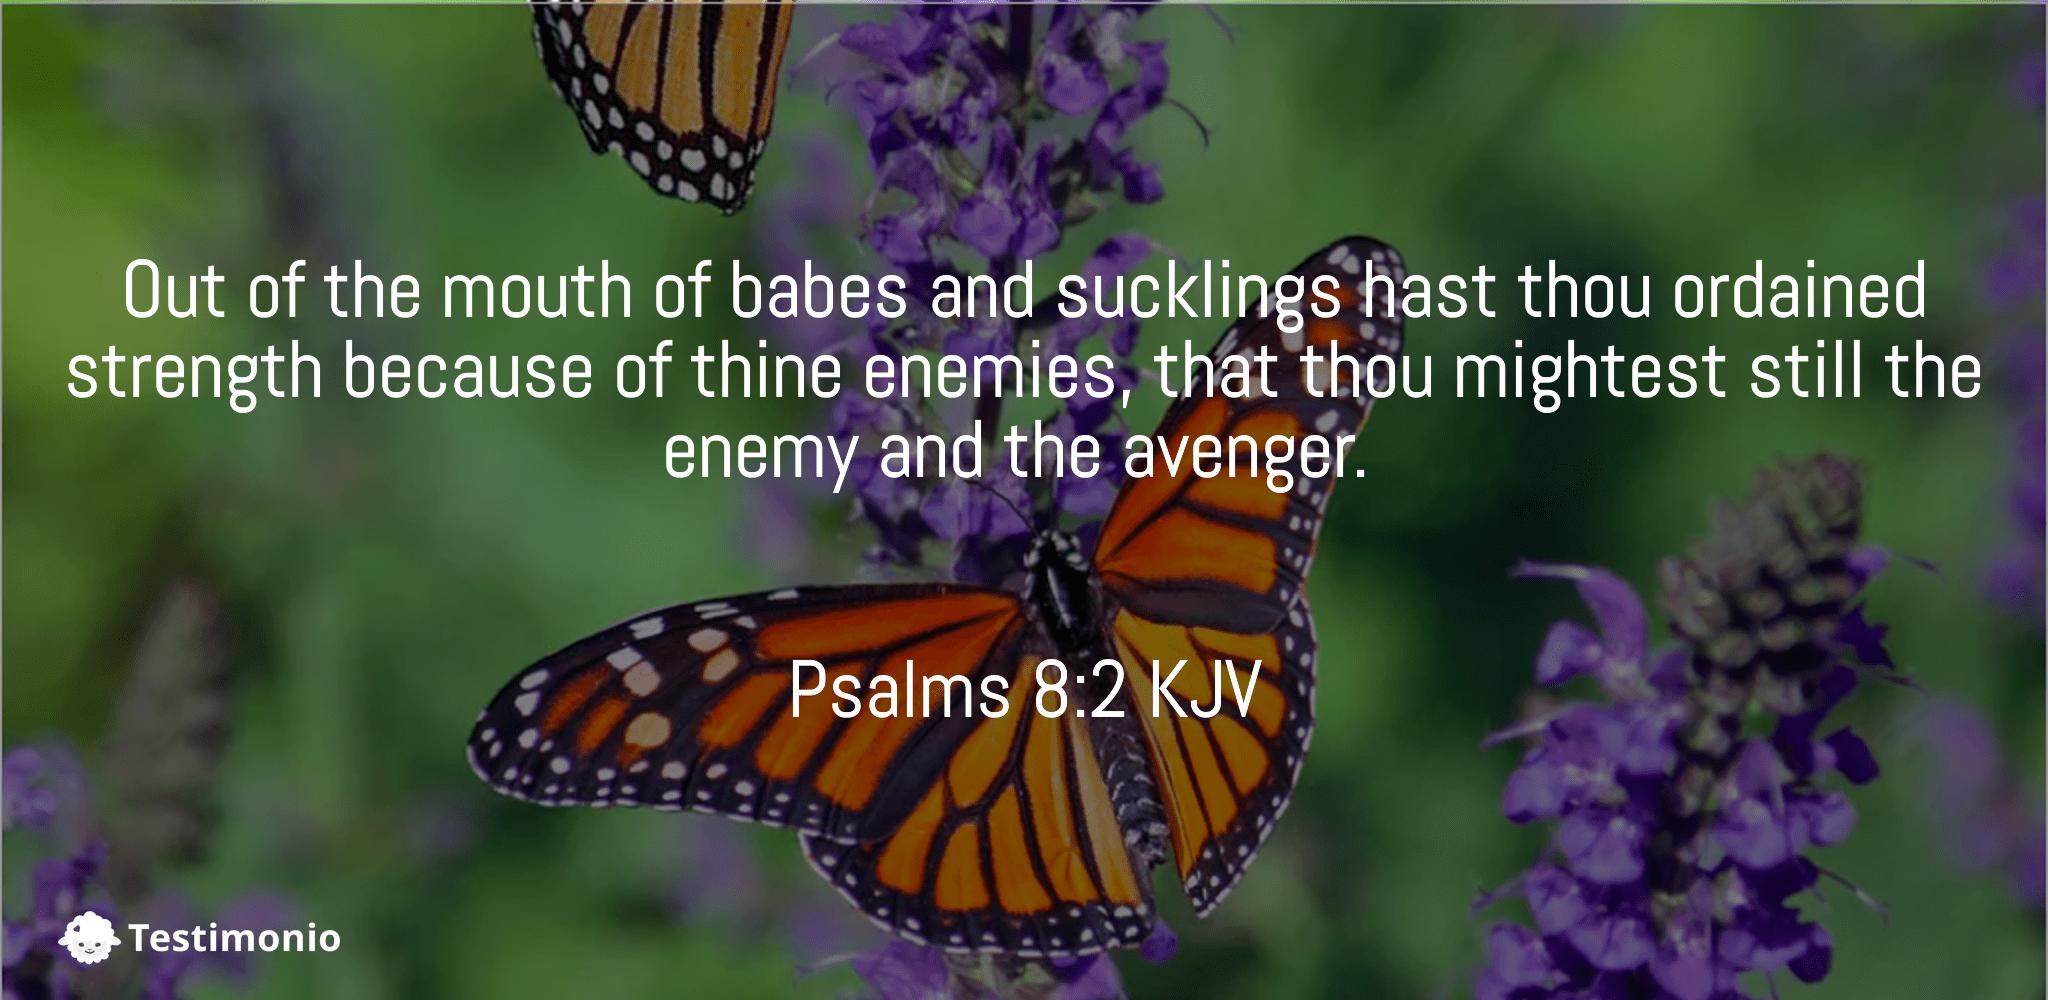 Psalms 8:2